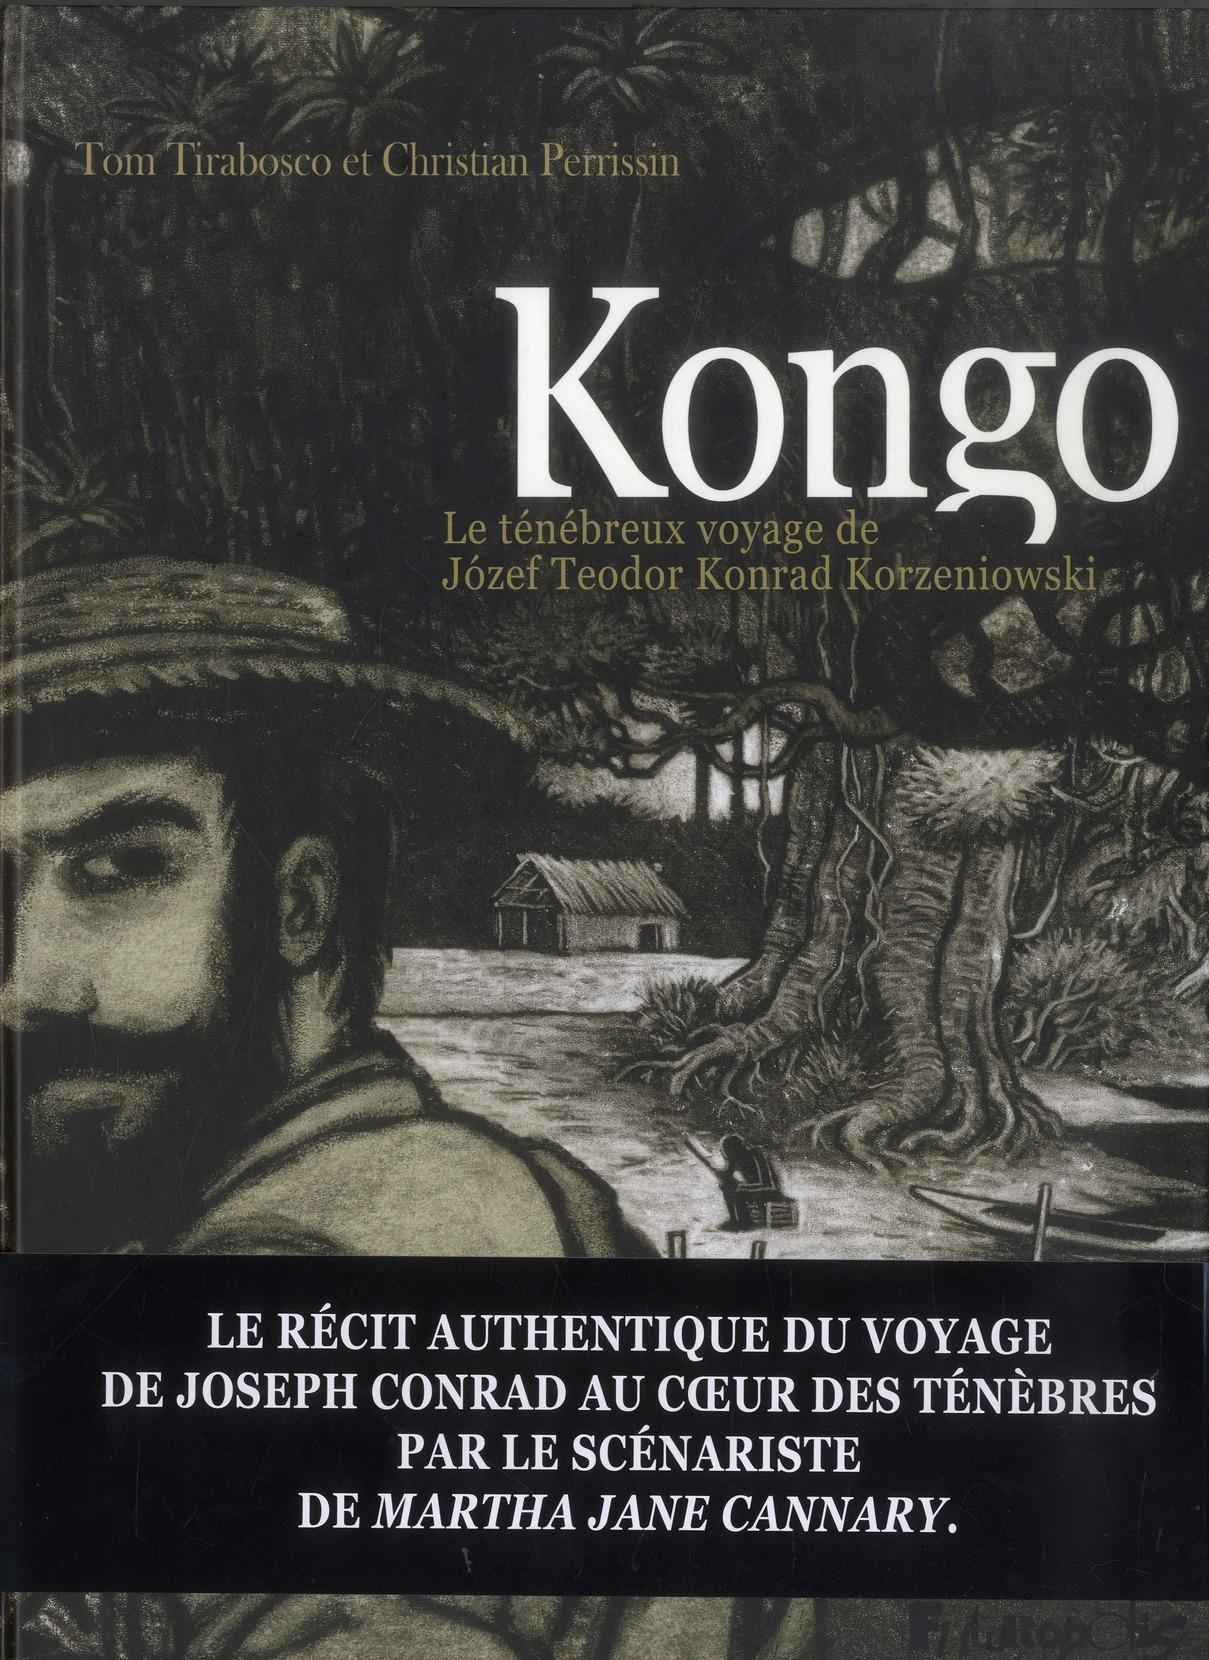 Kongo : le ténébreux voyage de Józef Teodor Konrad Korzeniowski